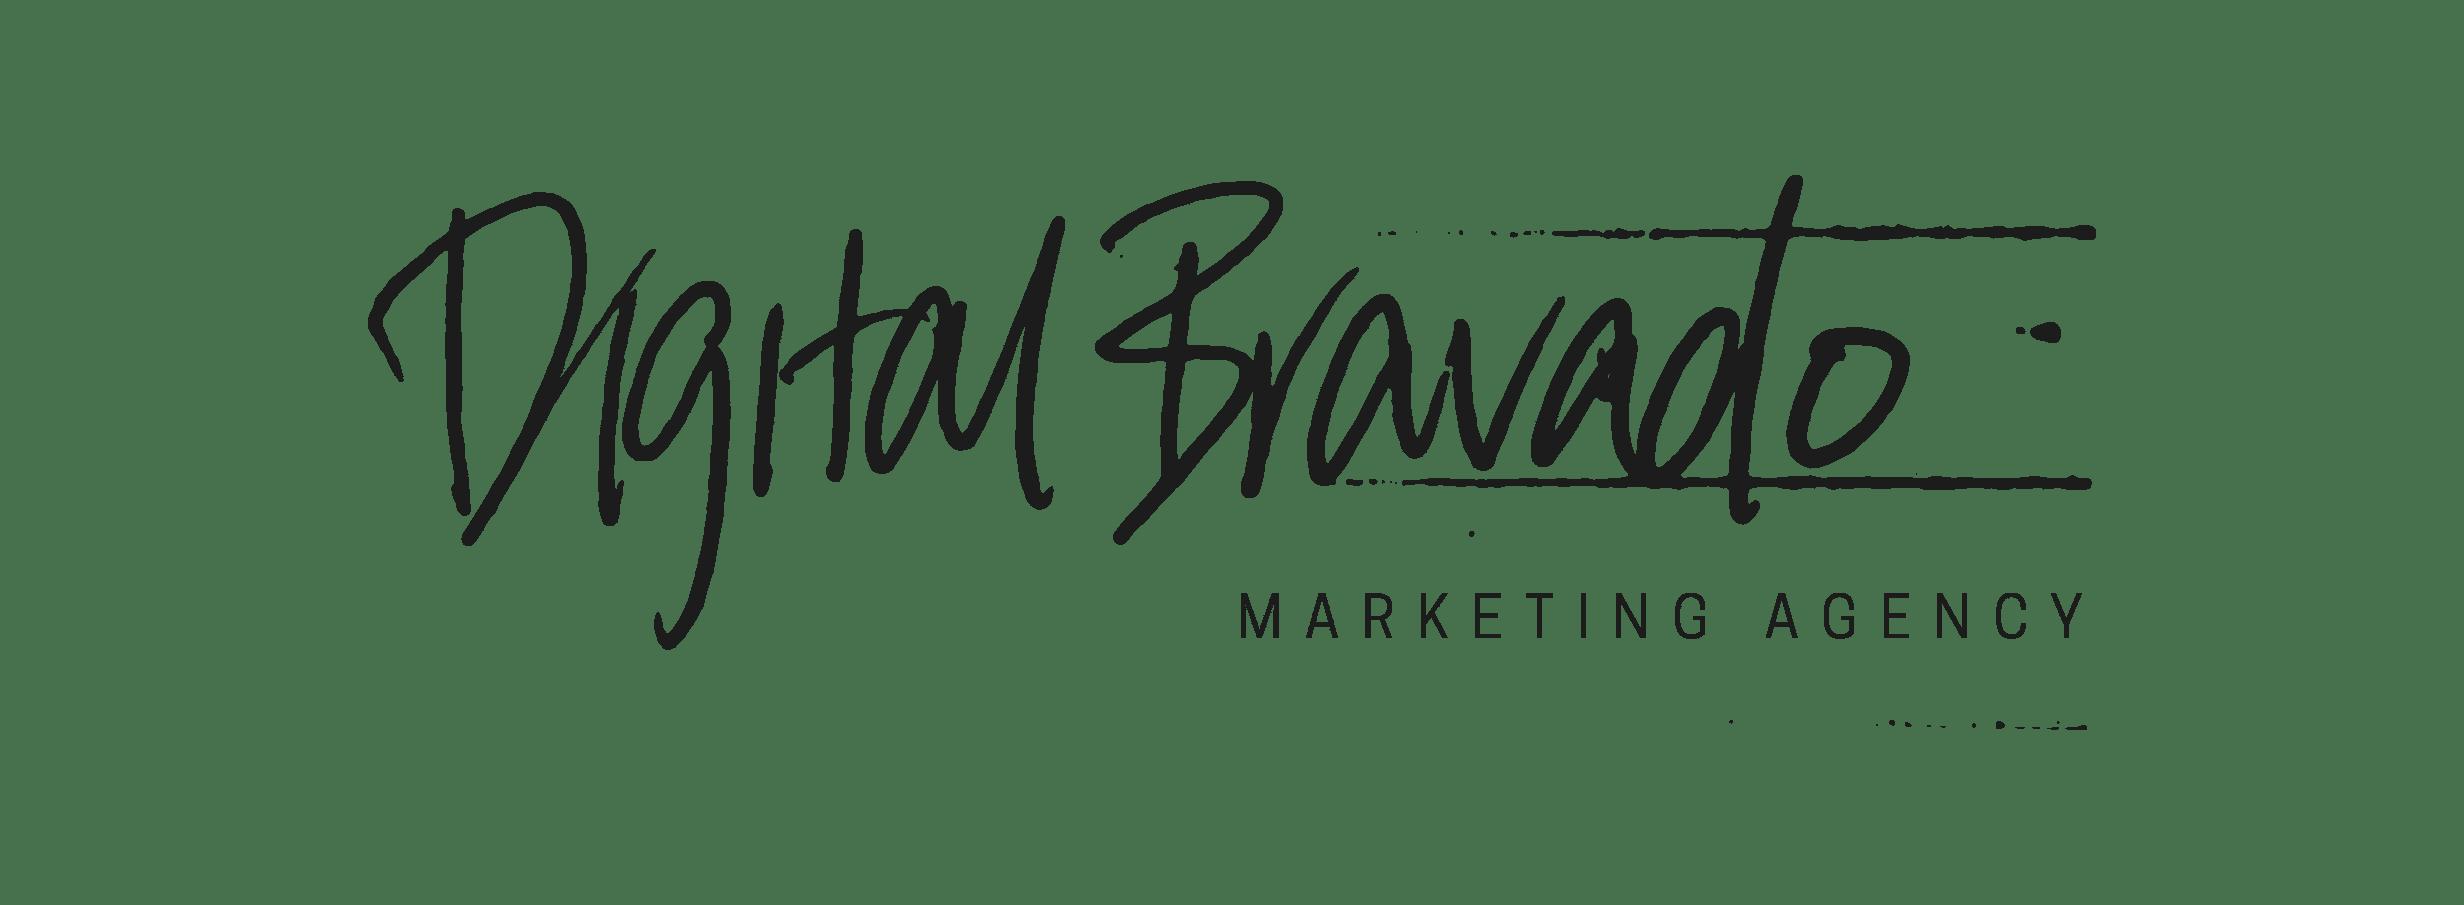 1 Brisbane Digital Marketing Agency | Digital Bravado